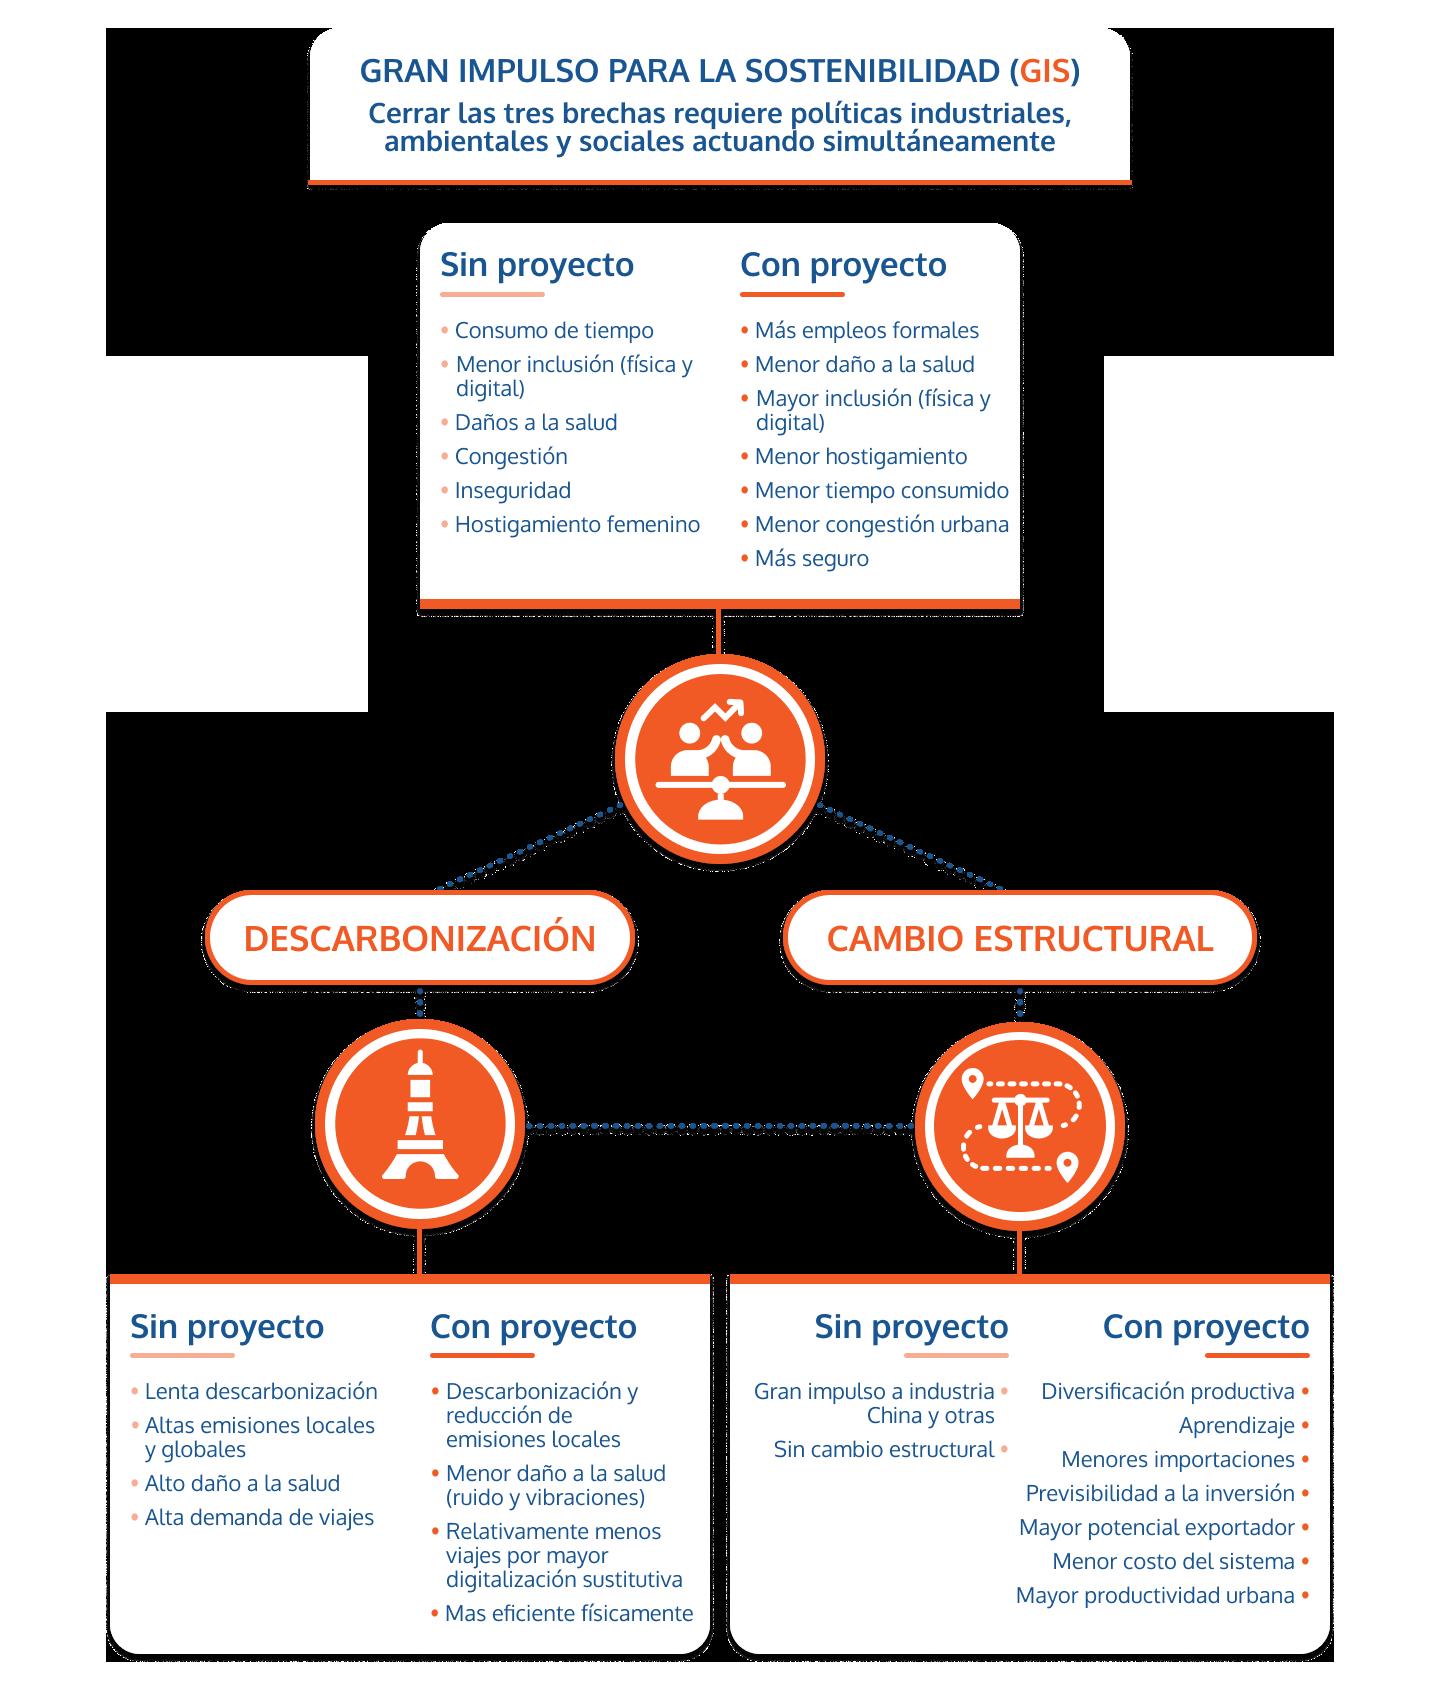 Diagrama Gran Impulso Sostenibilidad 2020